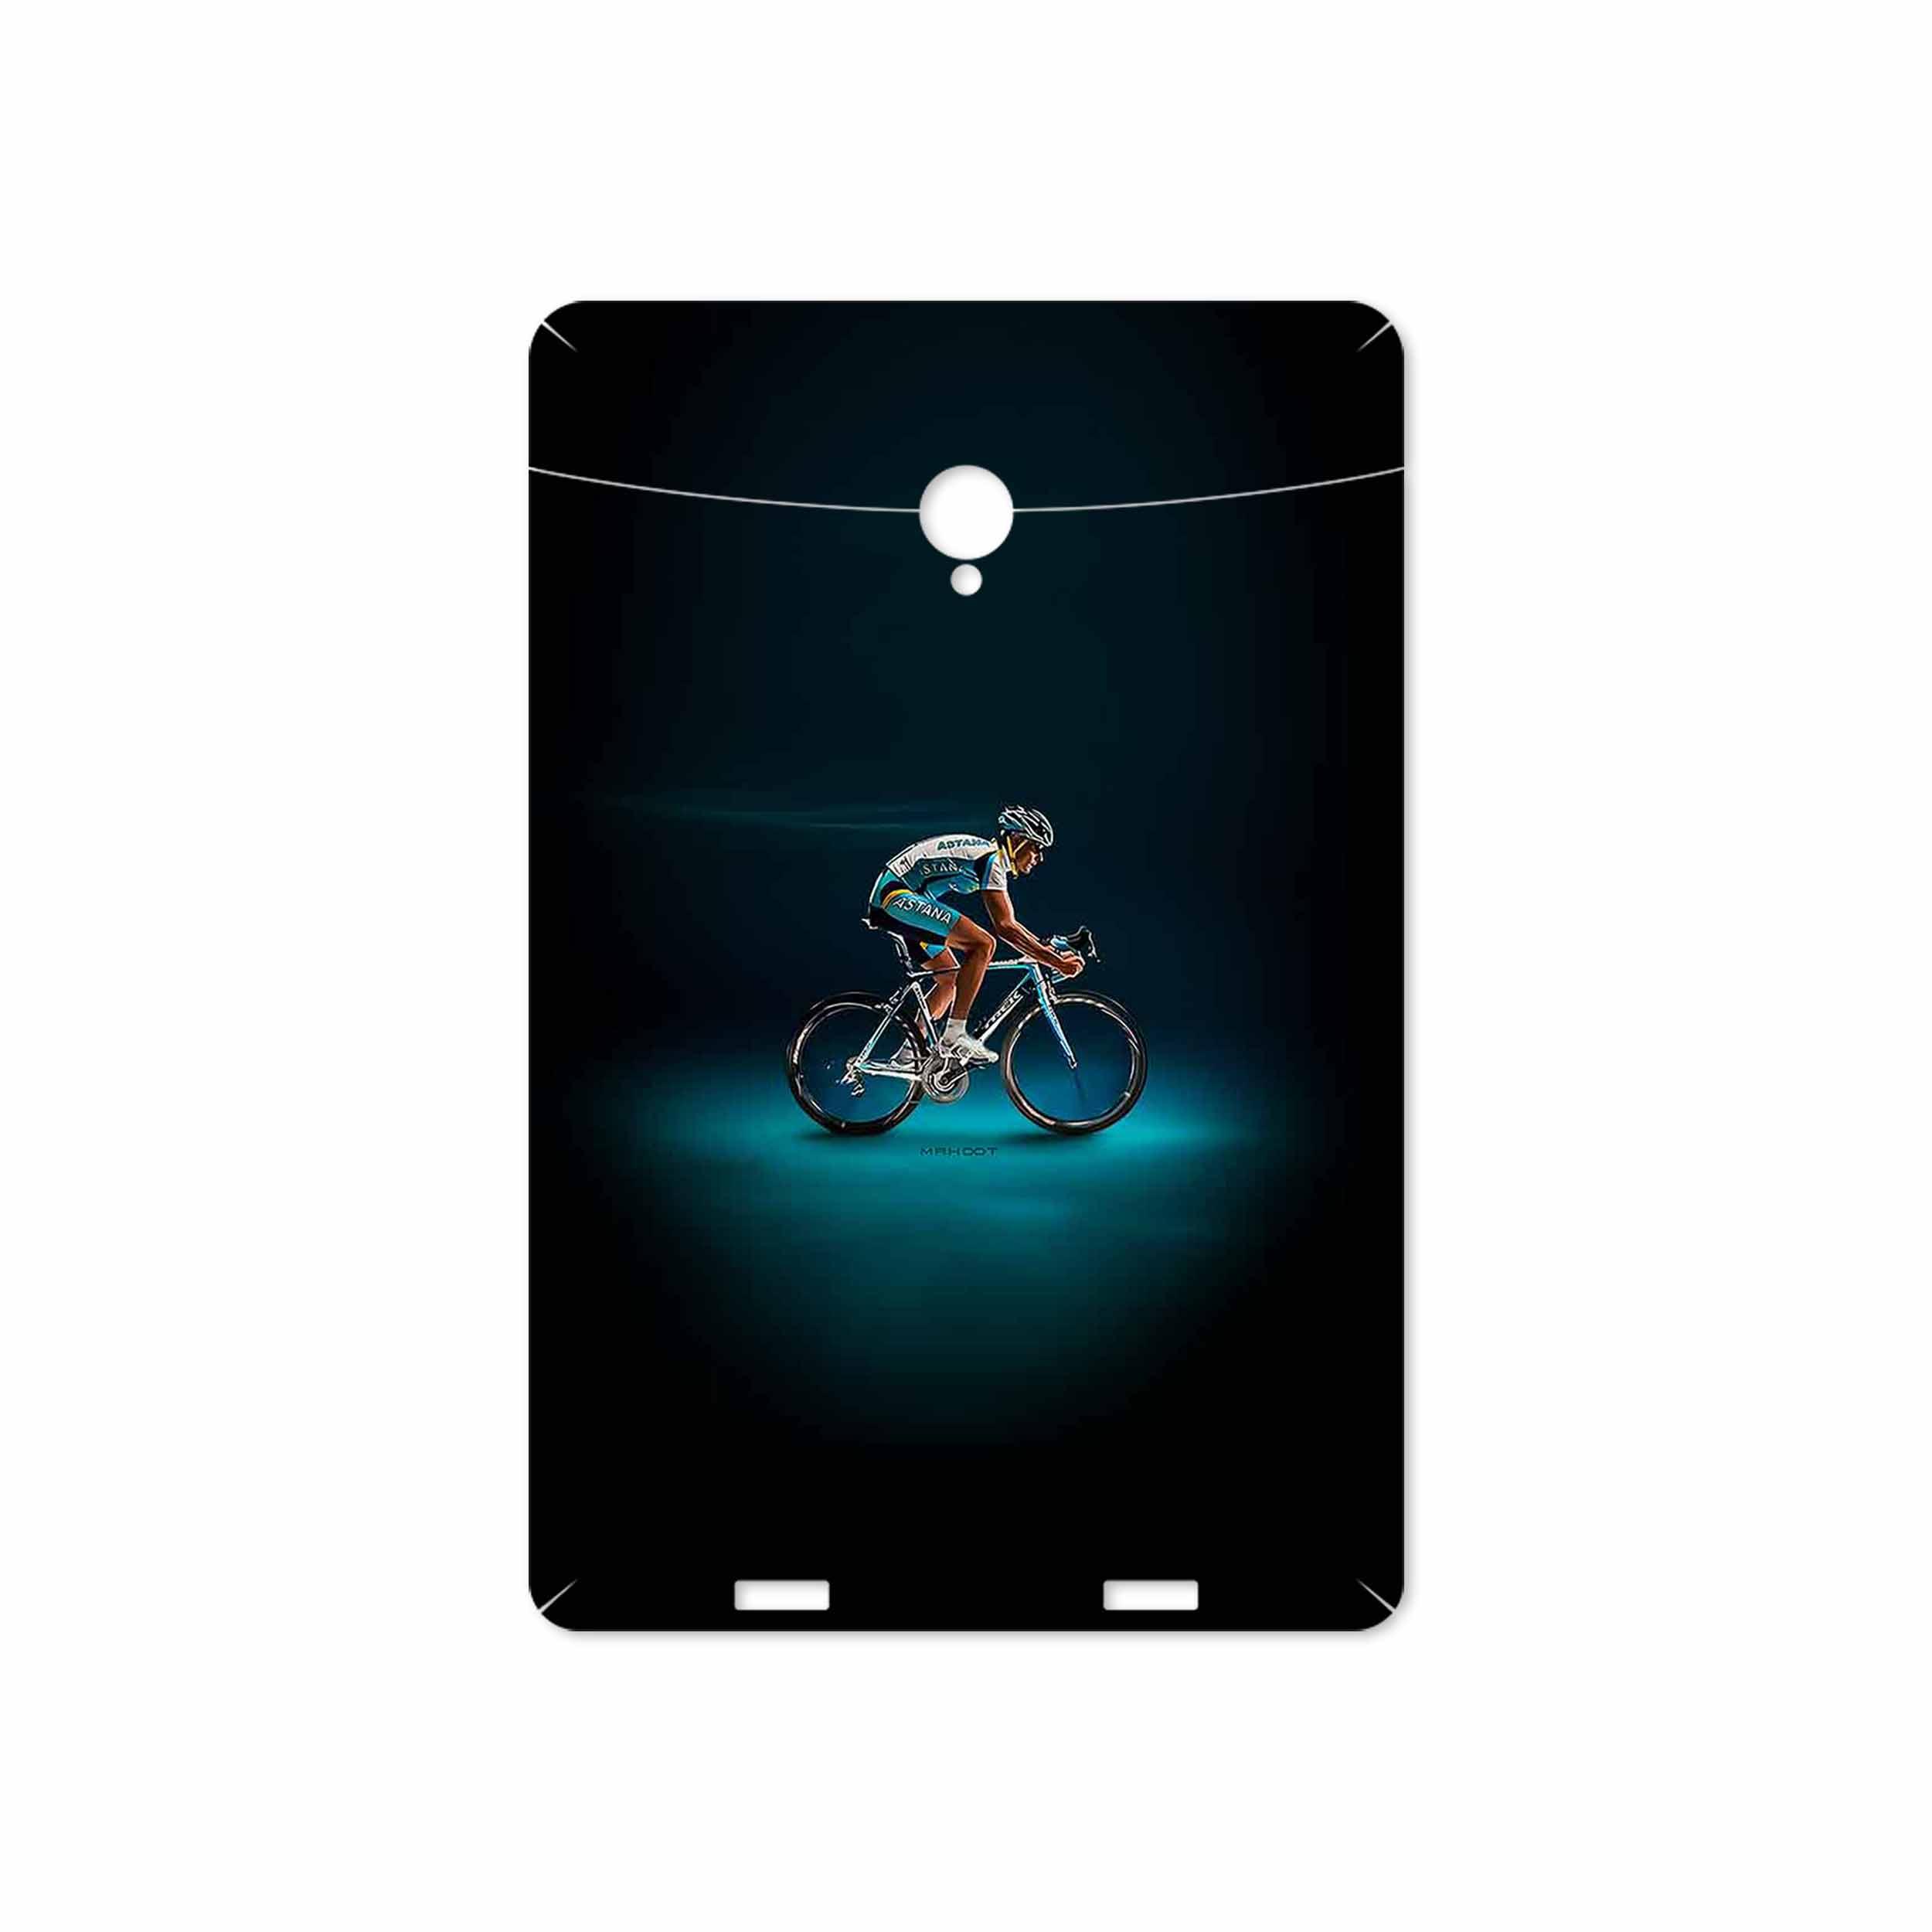 بررسی و خرید [با تخفیف]                                     برچسب پوششی ماهوت مدل Road cycling مناسب برای تبلت وریکو Unipad                             اورجینال